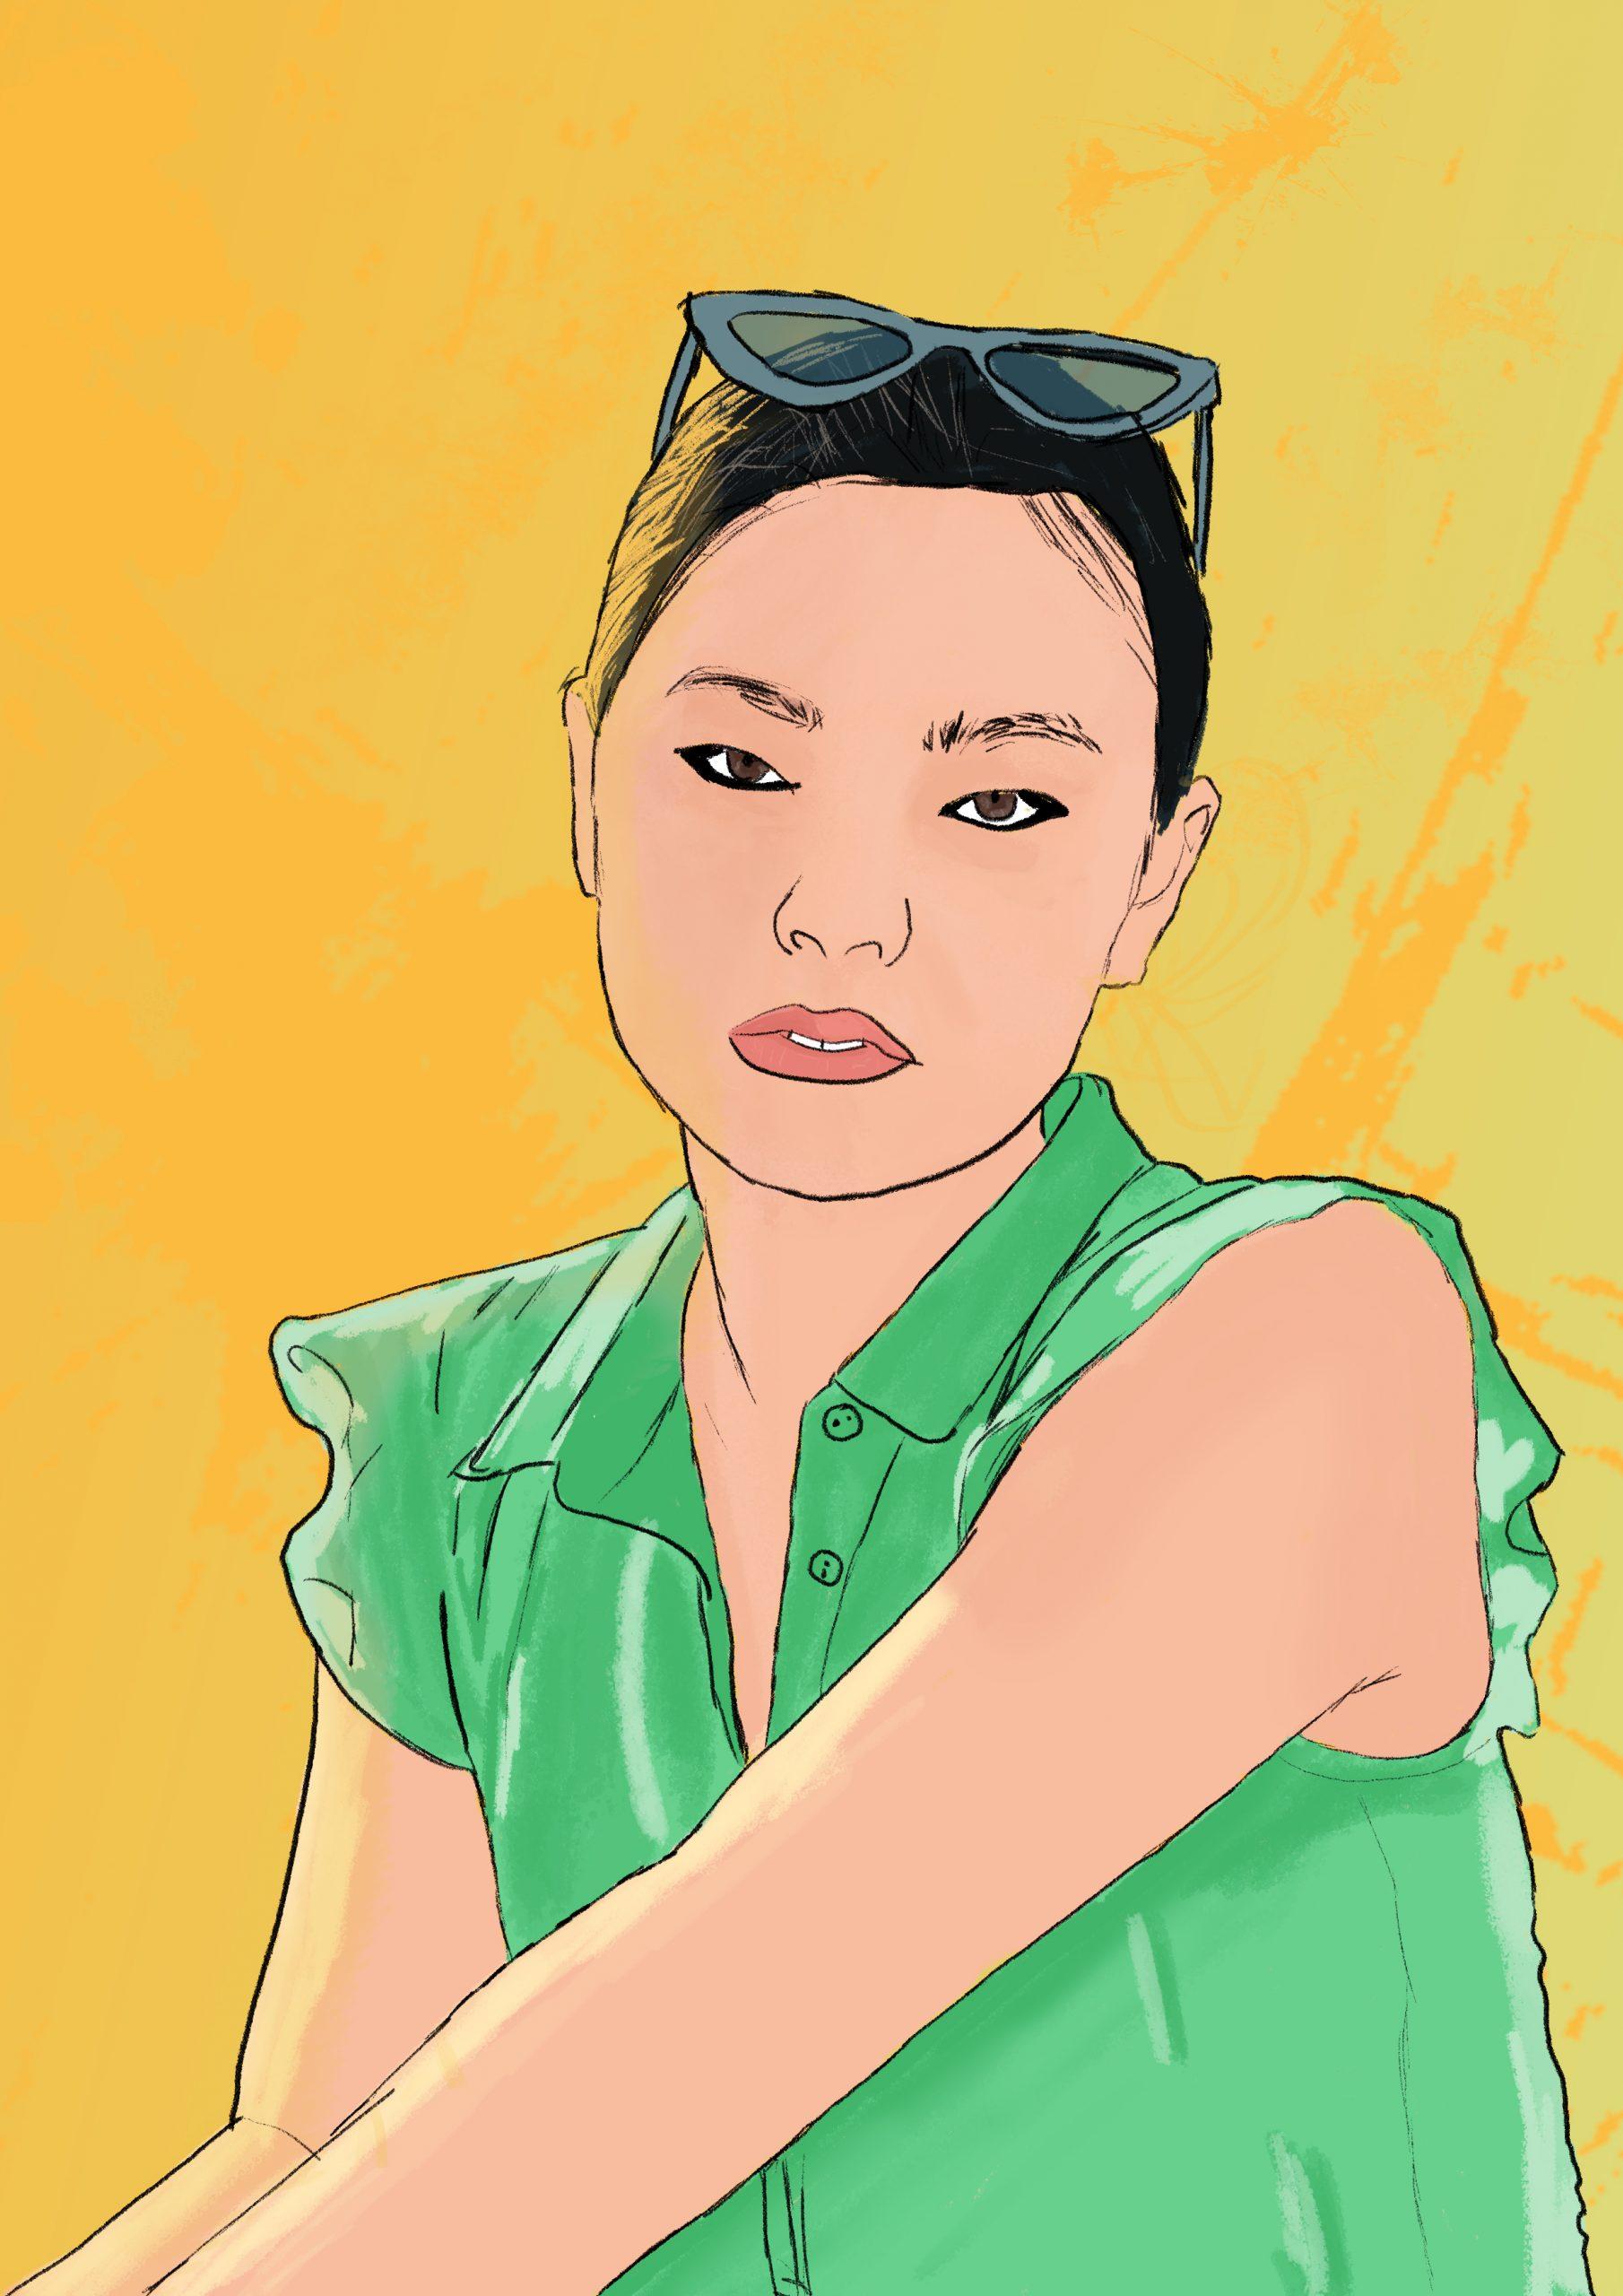 Como aprender a dibujar en digital sin saber dibujar